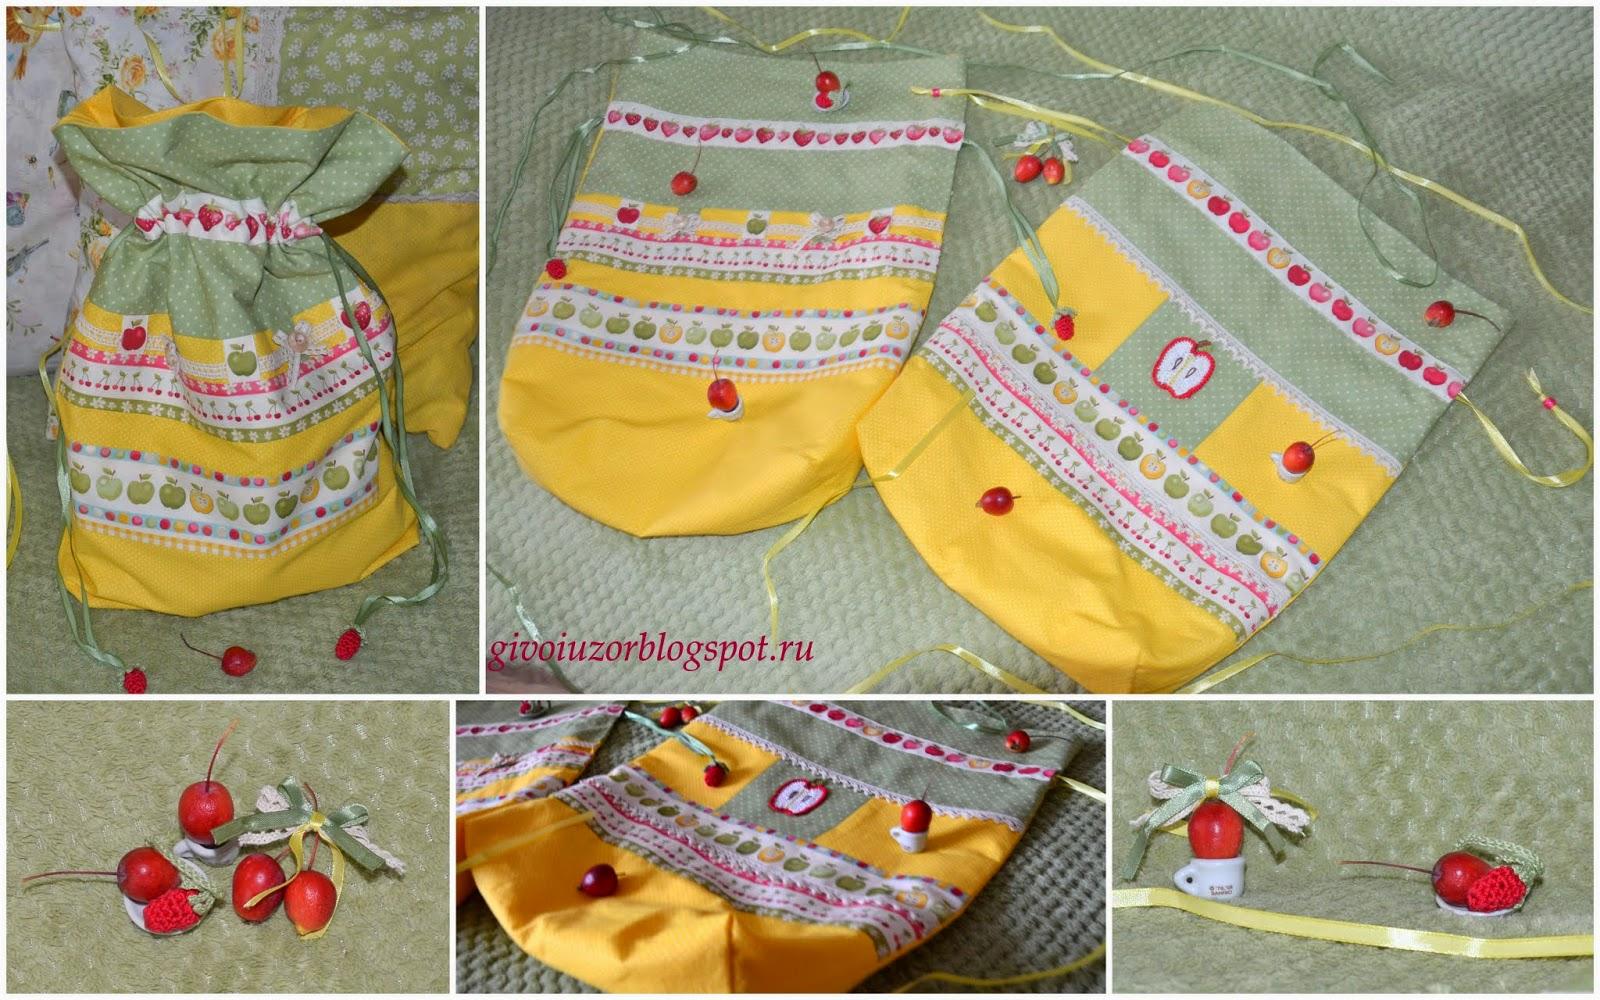 Сшить мешочек для пижамы своими рукми